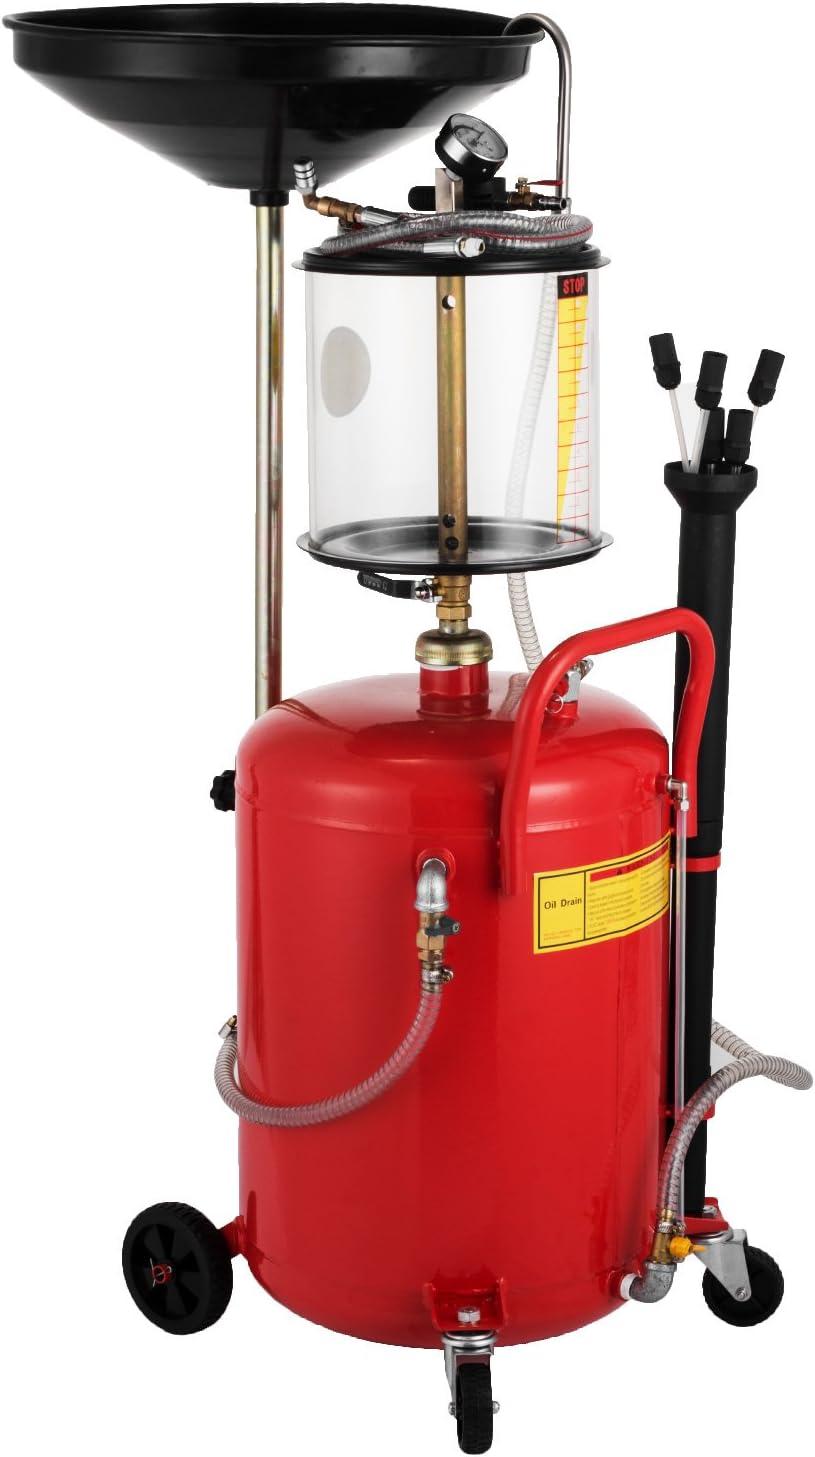 Mophorn 17 Galones / 64 L Extractor de Aceite Extractor de Garaje de Aceite Extractor de Fluido de Vacío Extractor de Tanque de Bomba